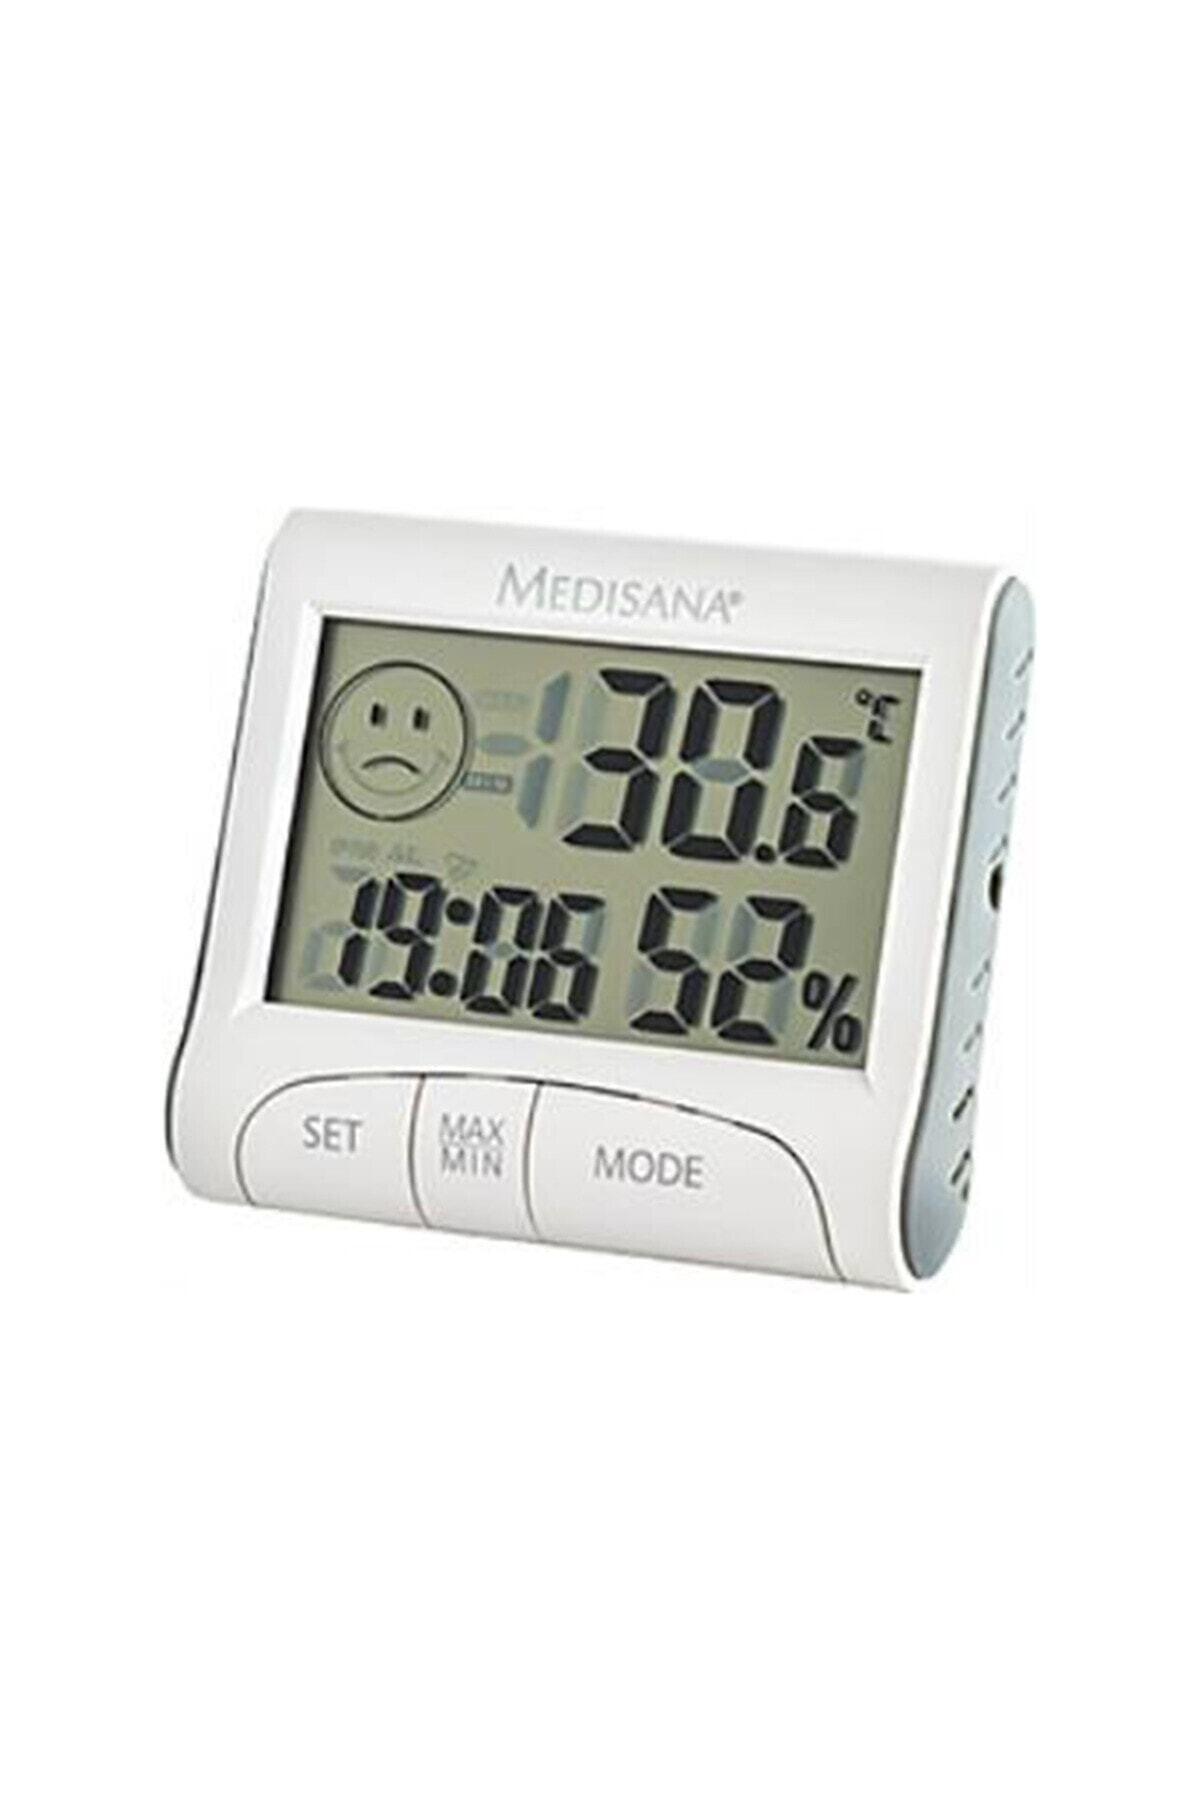 medisana Dijital Termometre Nem Ve Isı Ölçer + Alarm Saat 60079 2